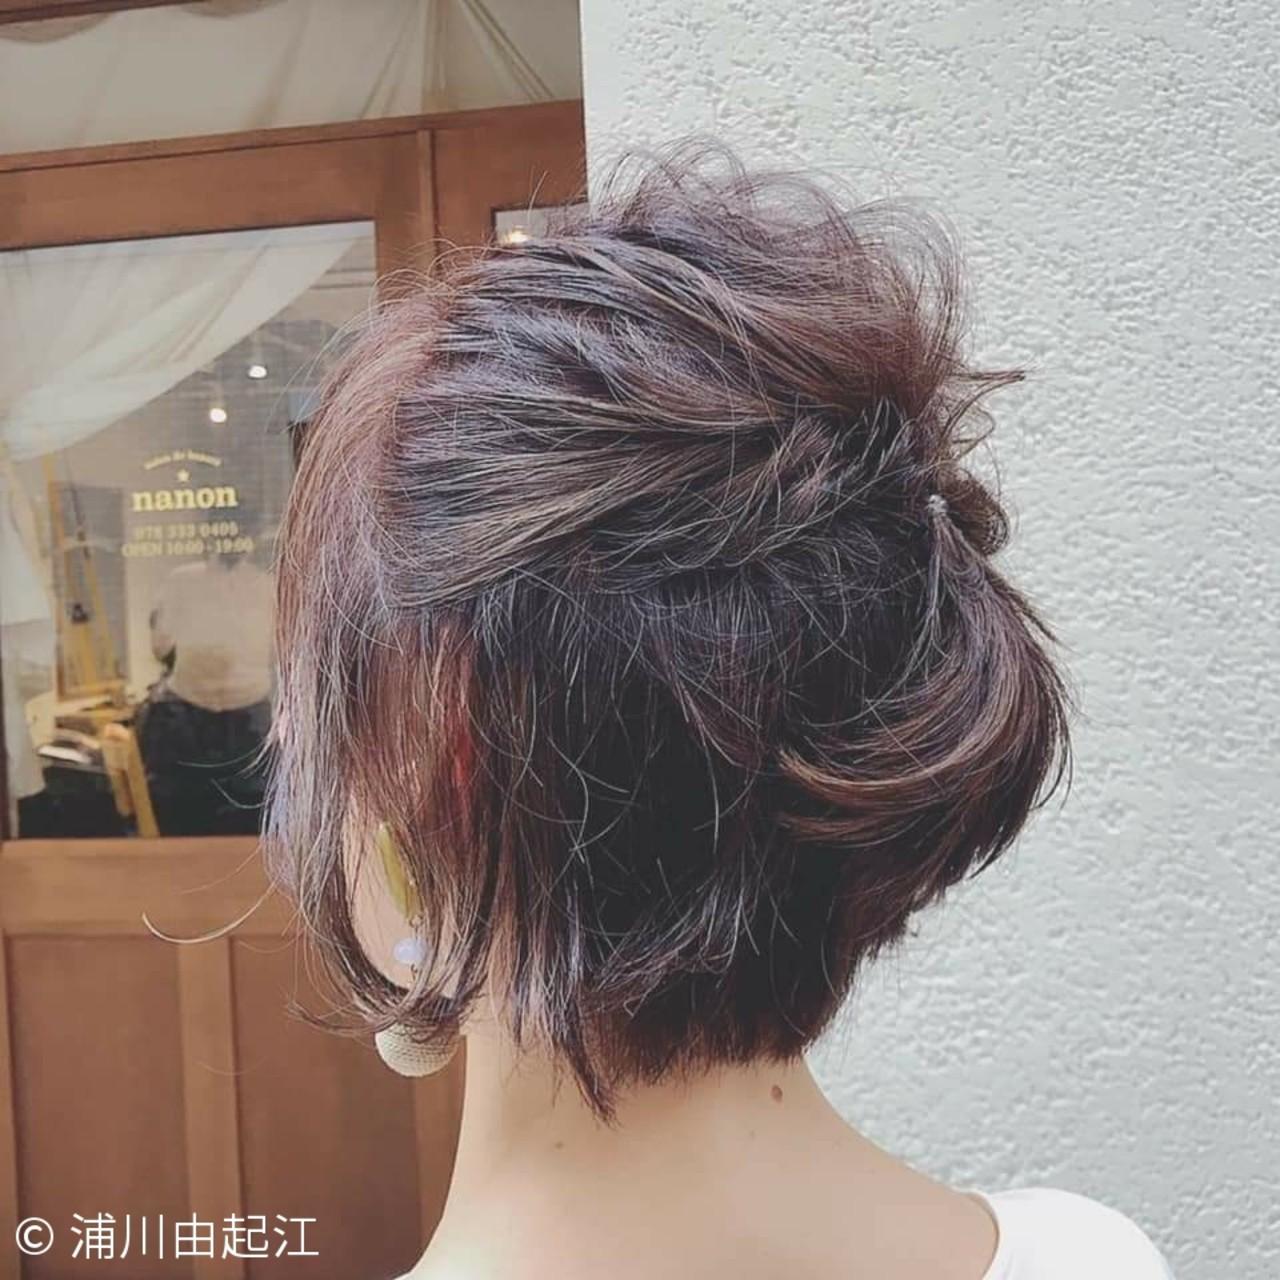 デート ナチュラル ボブ 切りっぱなしボブ ヘアスタイルや髪型の写真・画像 | 浦川由起江 / nanon